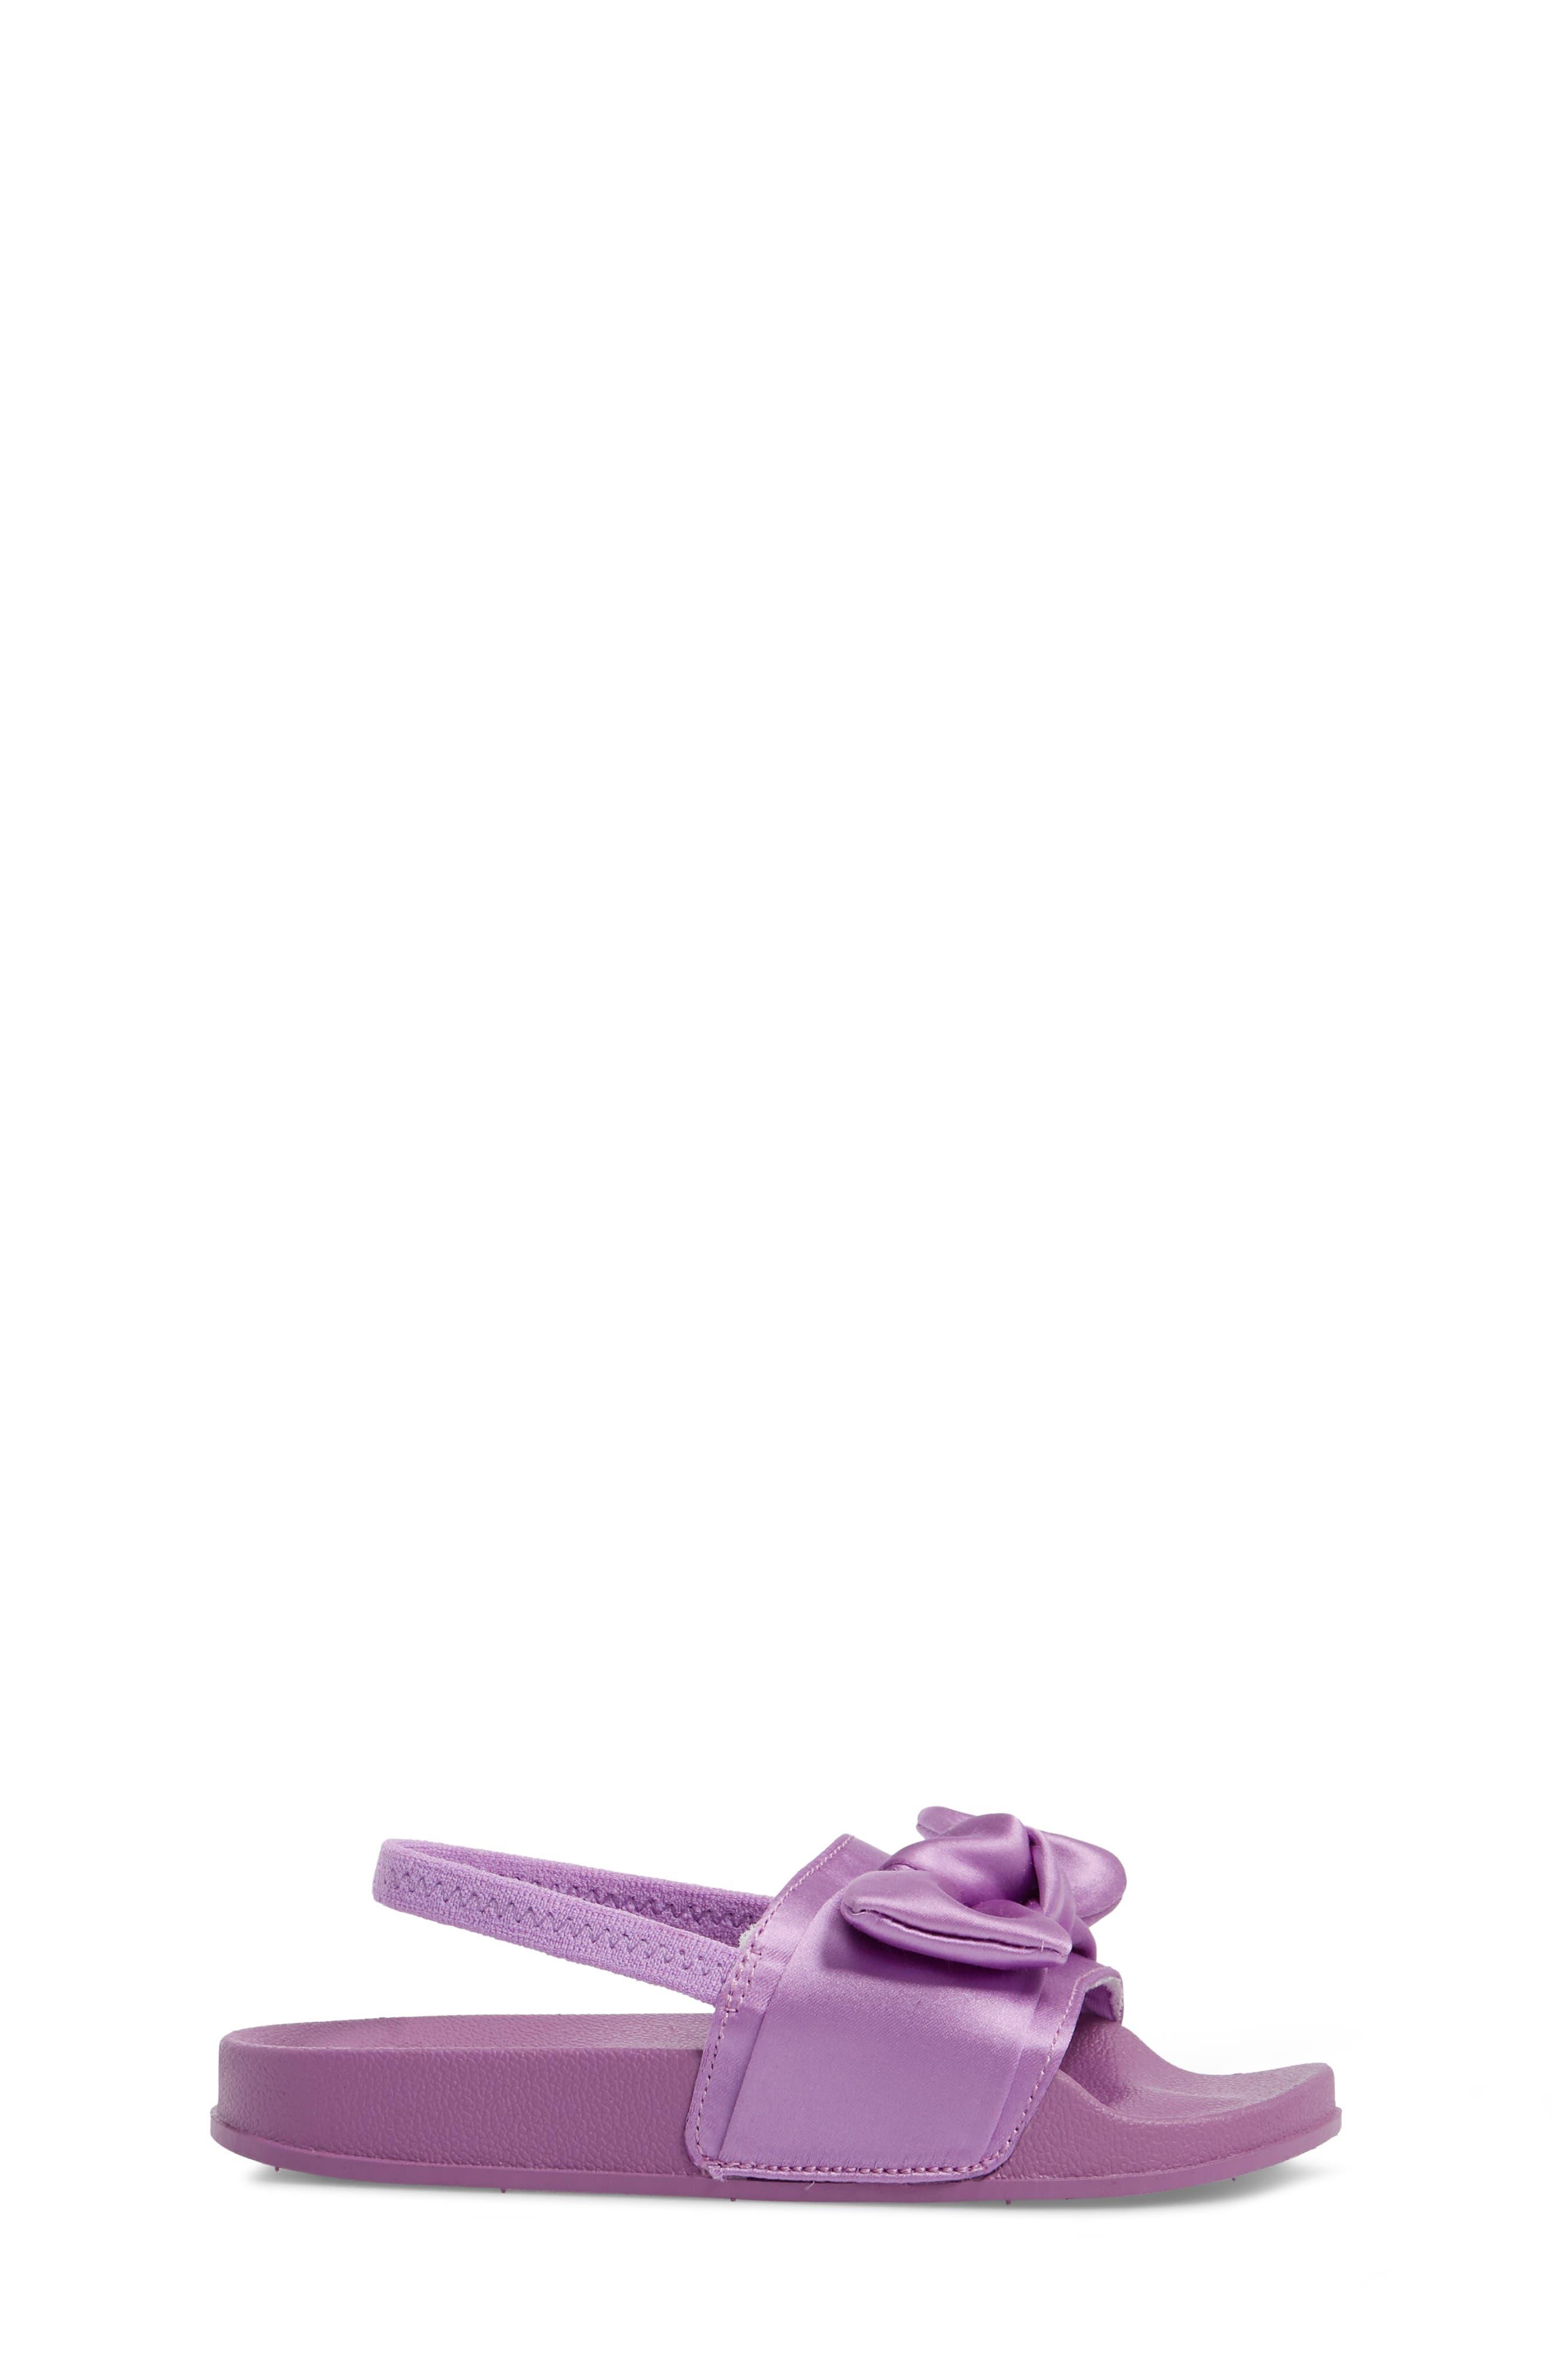 Tsilky Knotted Slide Sandal,                             Alternate thumbnail 13, color,